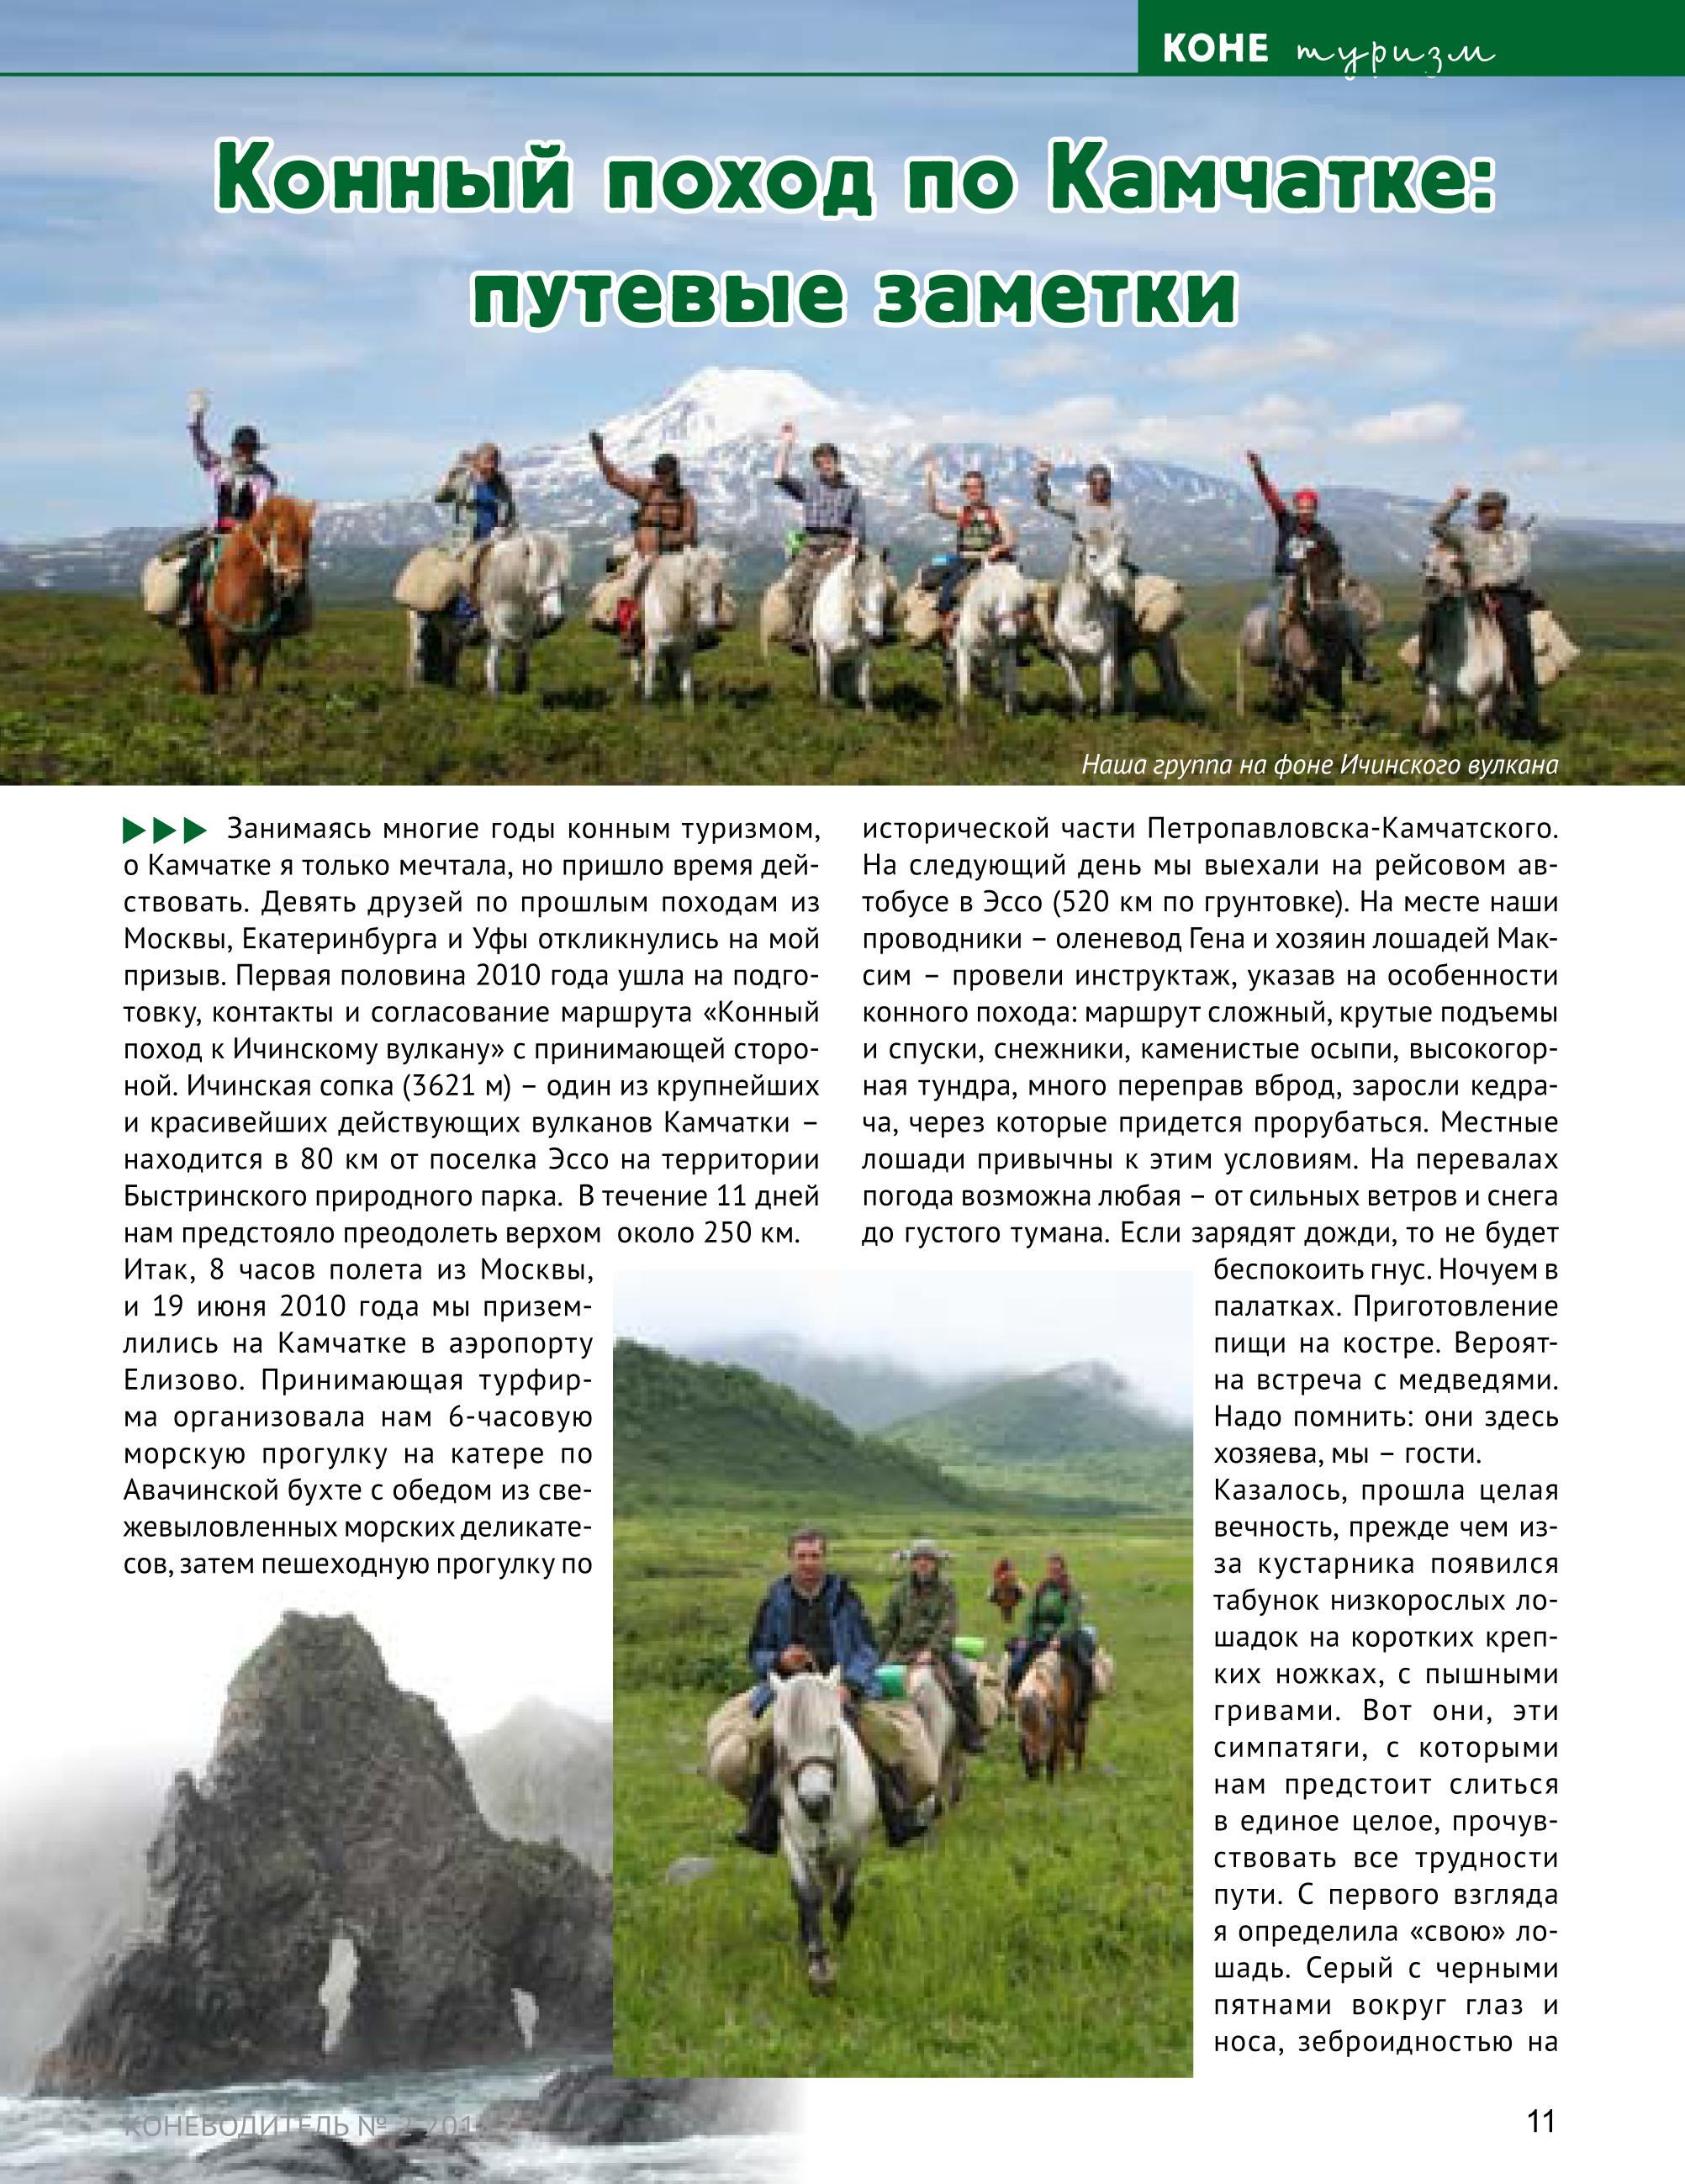 book Коневодитель 2 2018 1-7-2